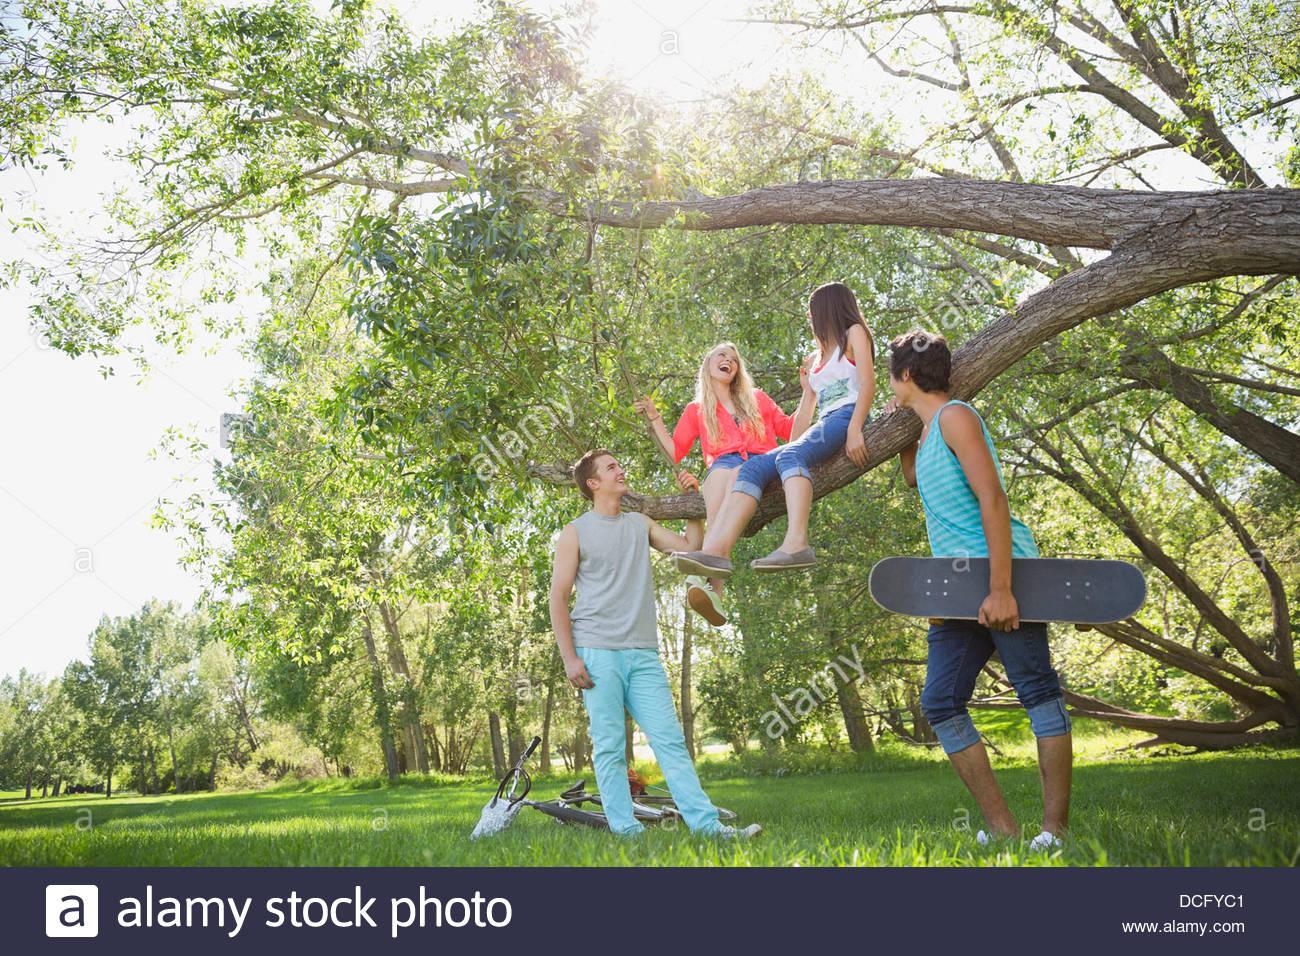 Teenage amici di trascorrere del tempo in un parco Immagini Stock